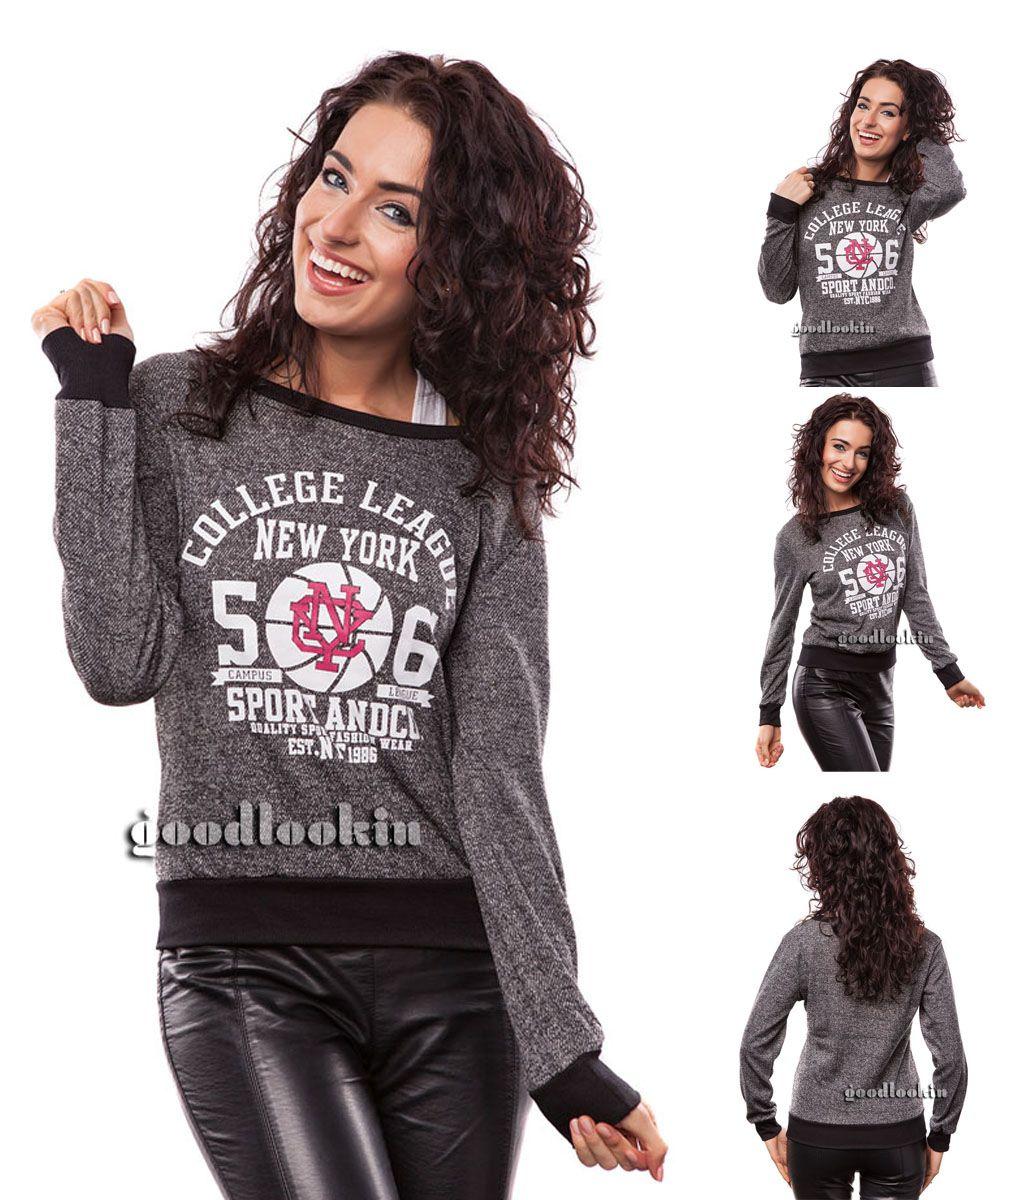 ea4f022c878dbc Rewelacyjna krótka bluza, idealna do wielu stylizacji. Bardzo wygodny krój.  Bluza posiada nadruk